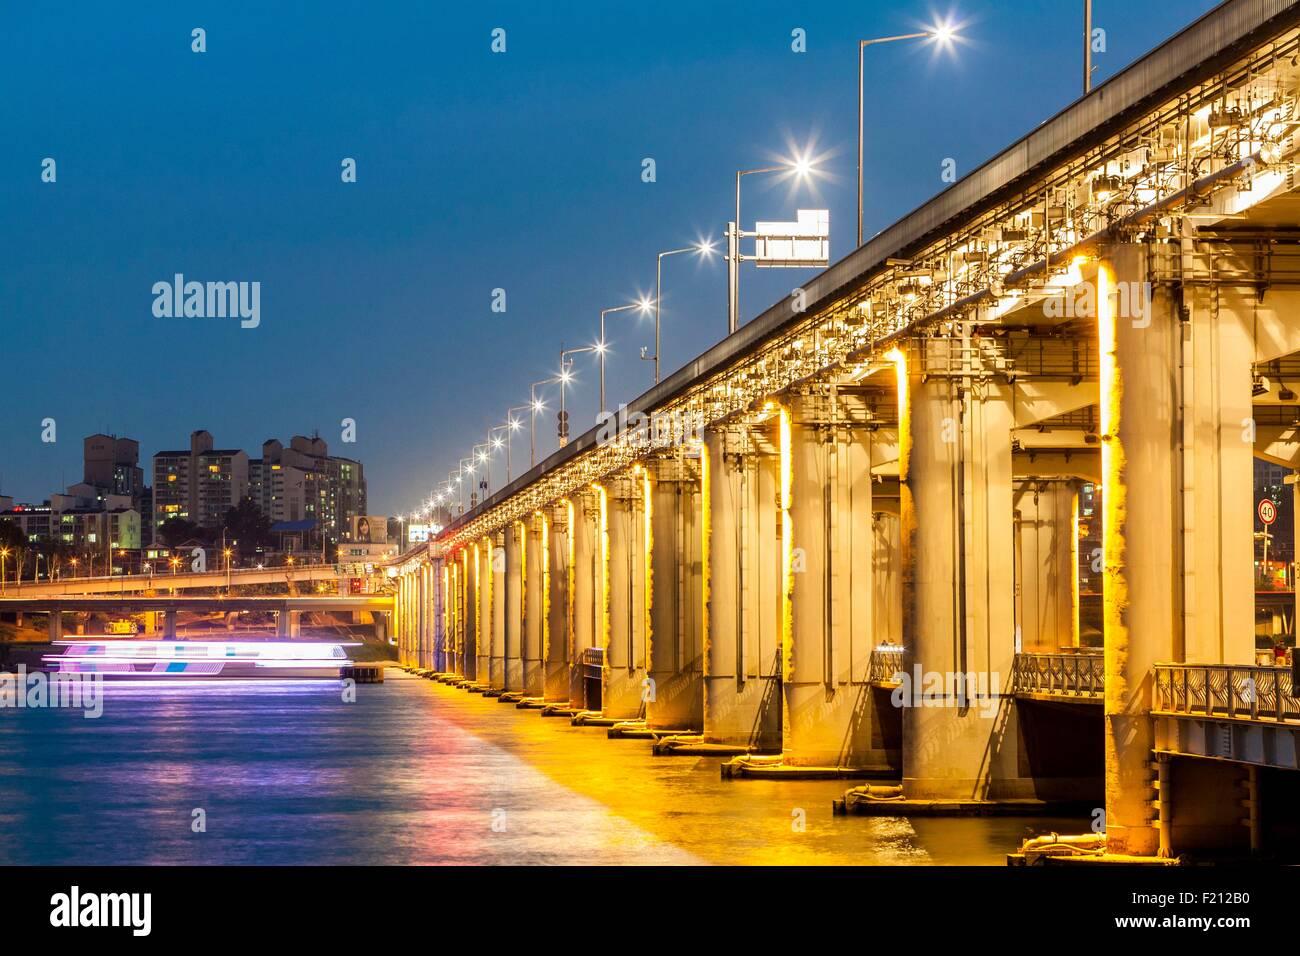 La Corée du Sud, Séoul, Pont Banpo (570 mètres de long) sur la rivière Han?? Photo Stock